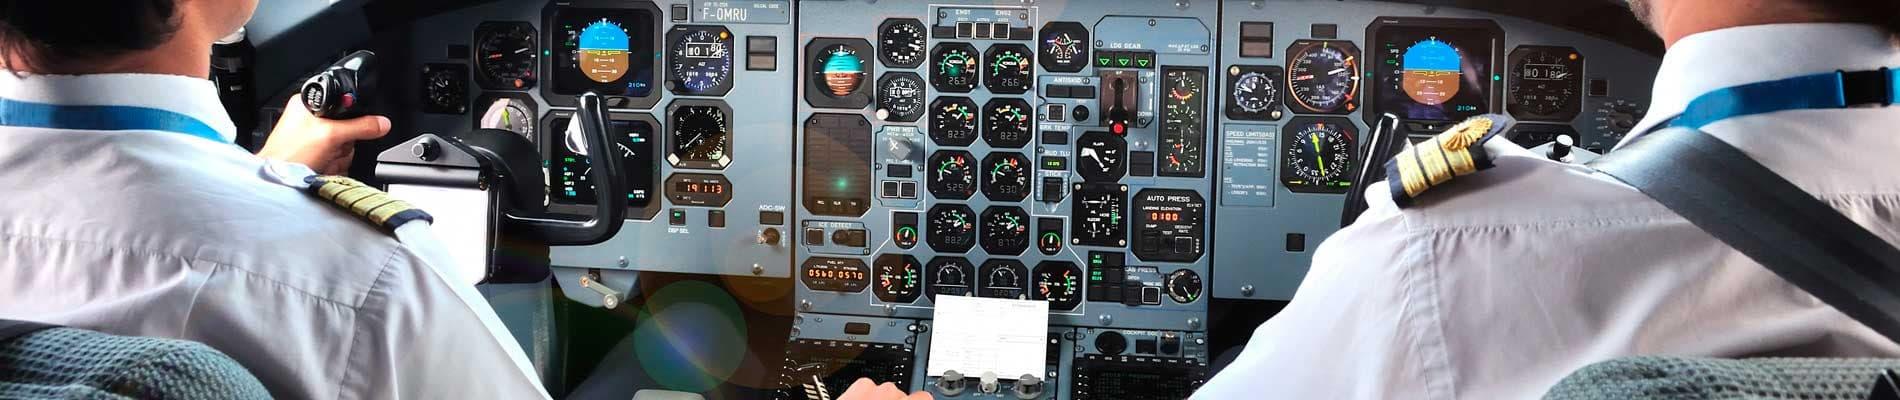 Conductor de transportes y piloto